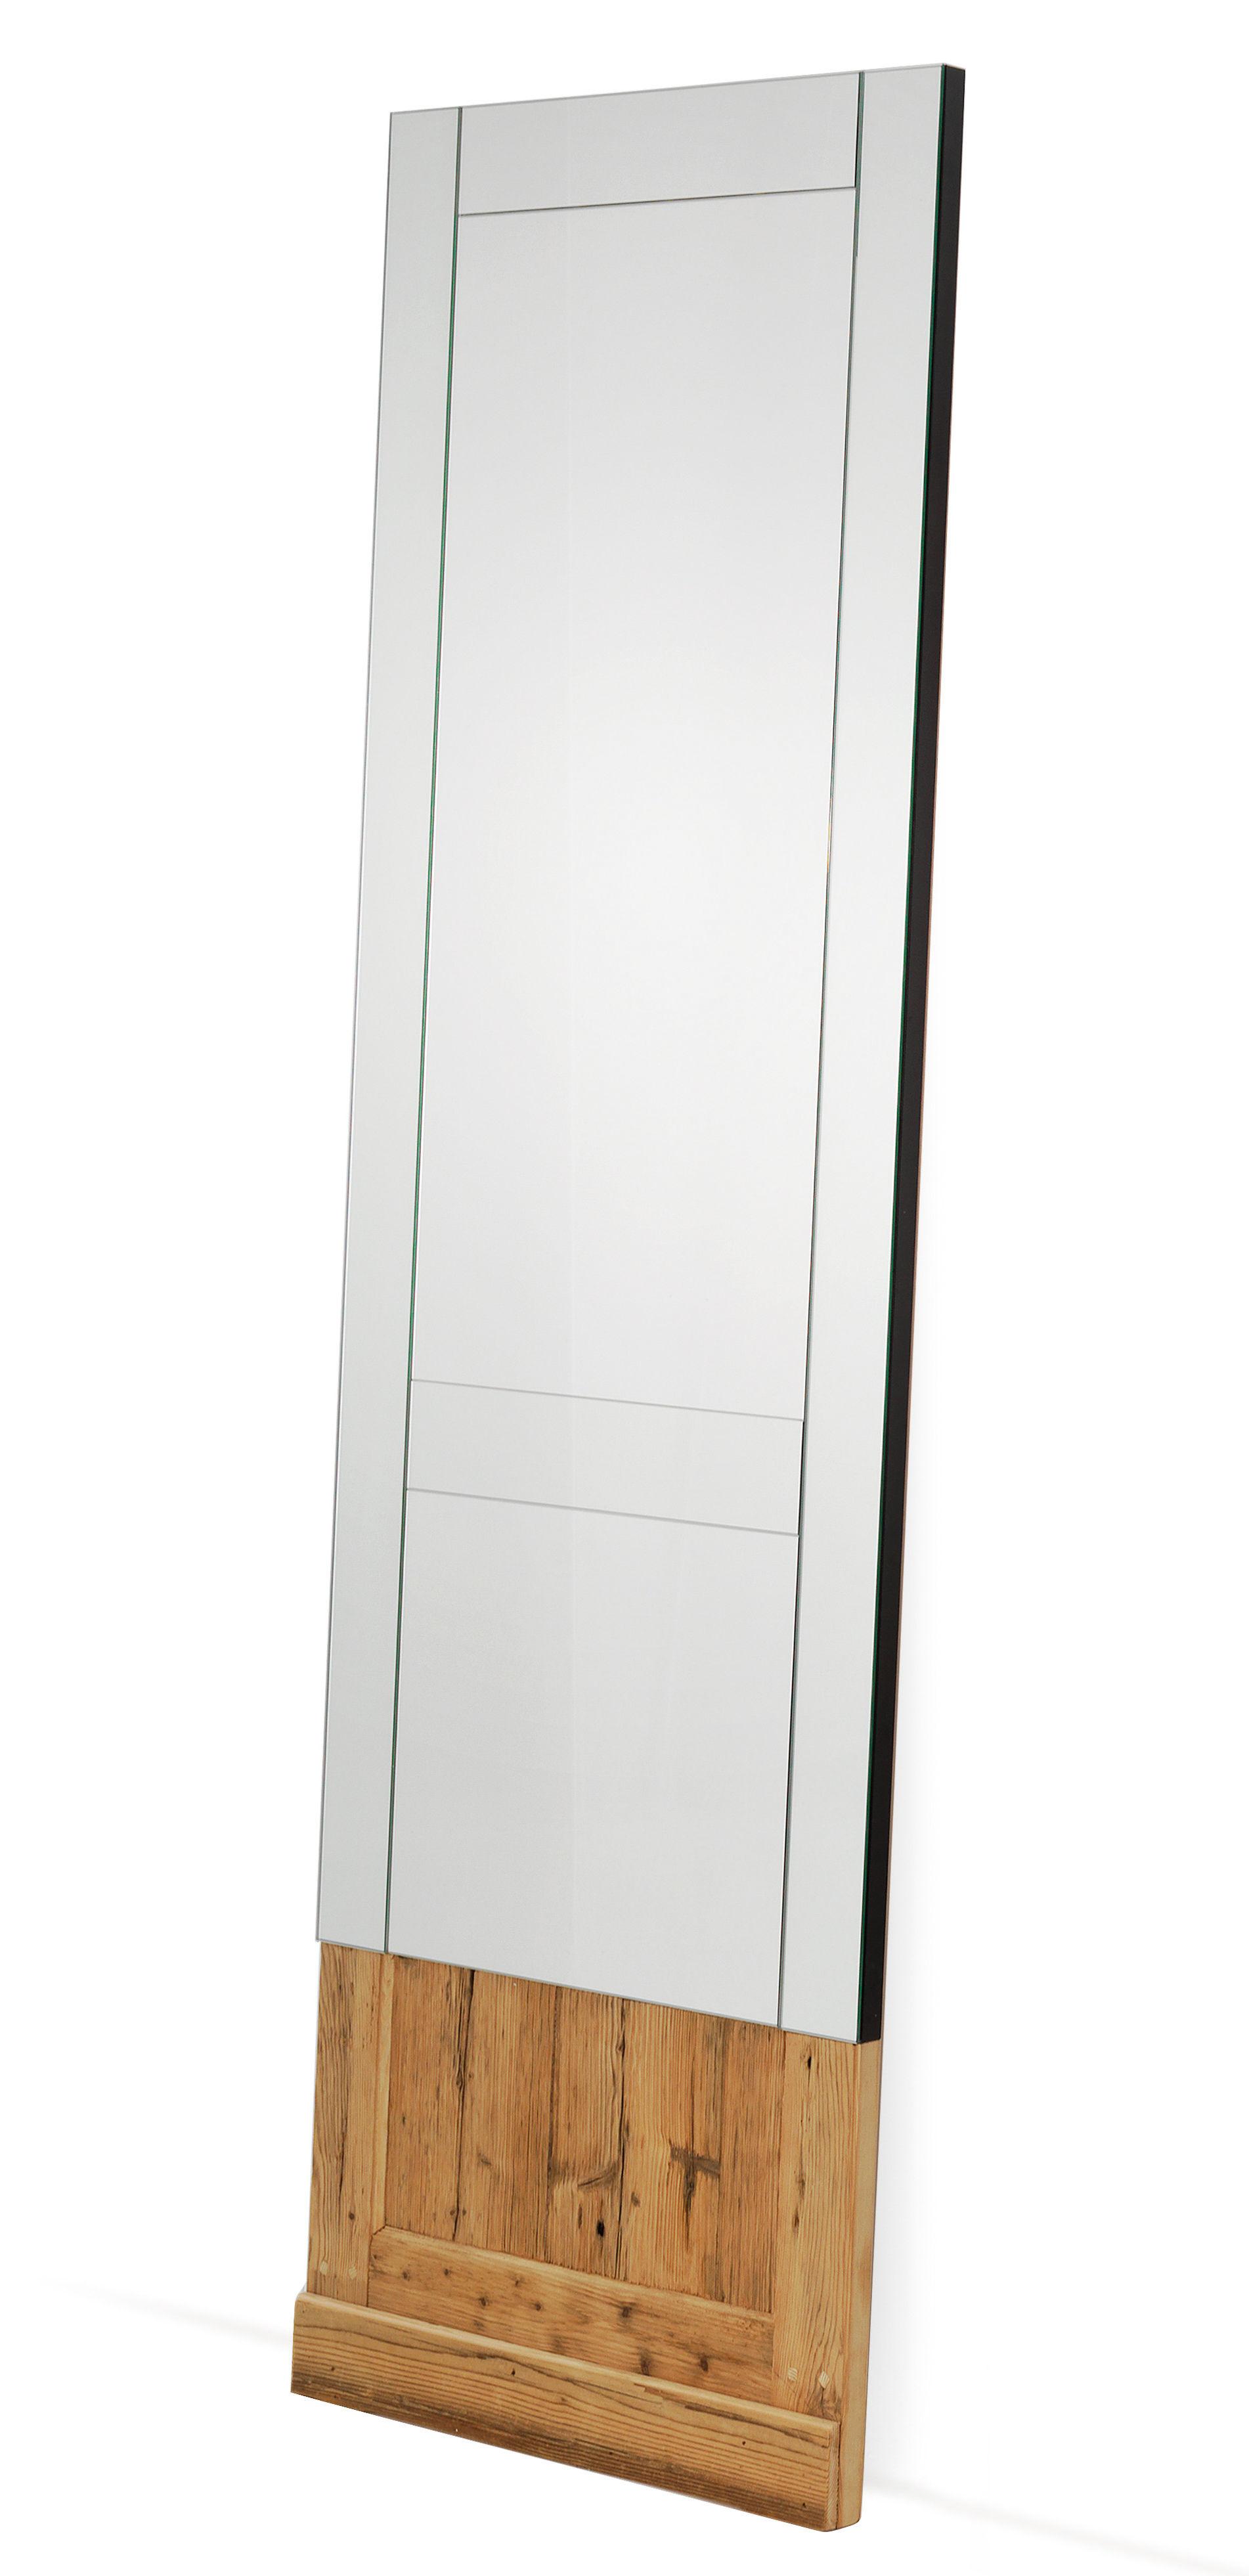 miroir don 39 t open l 60 x h 200 cm miroir bois naturel mogg. Black Bedroom Furniture Sets. Home Design Ideas